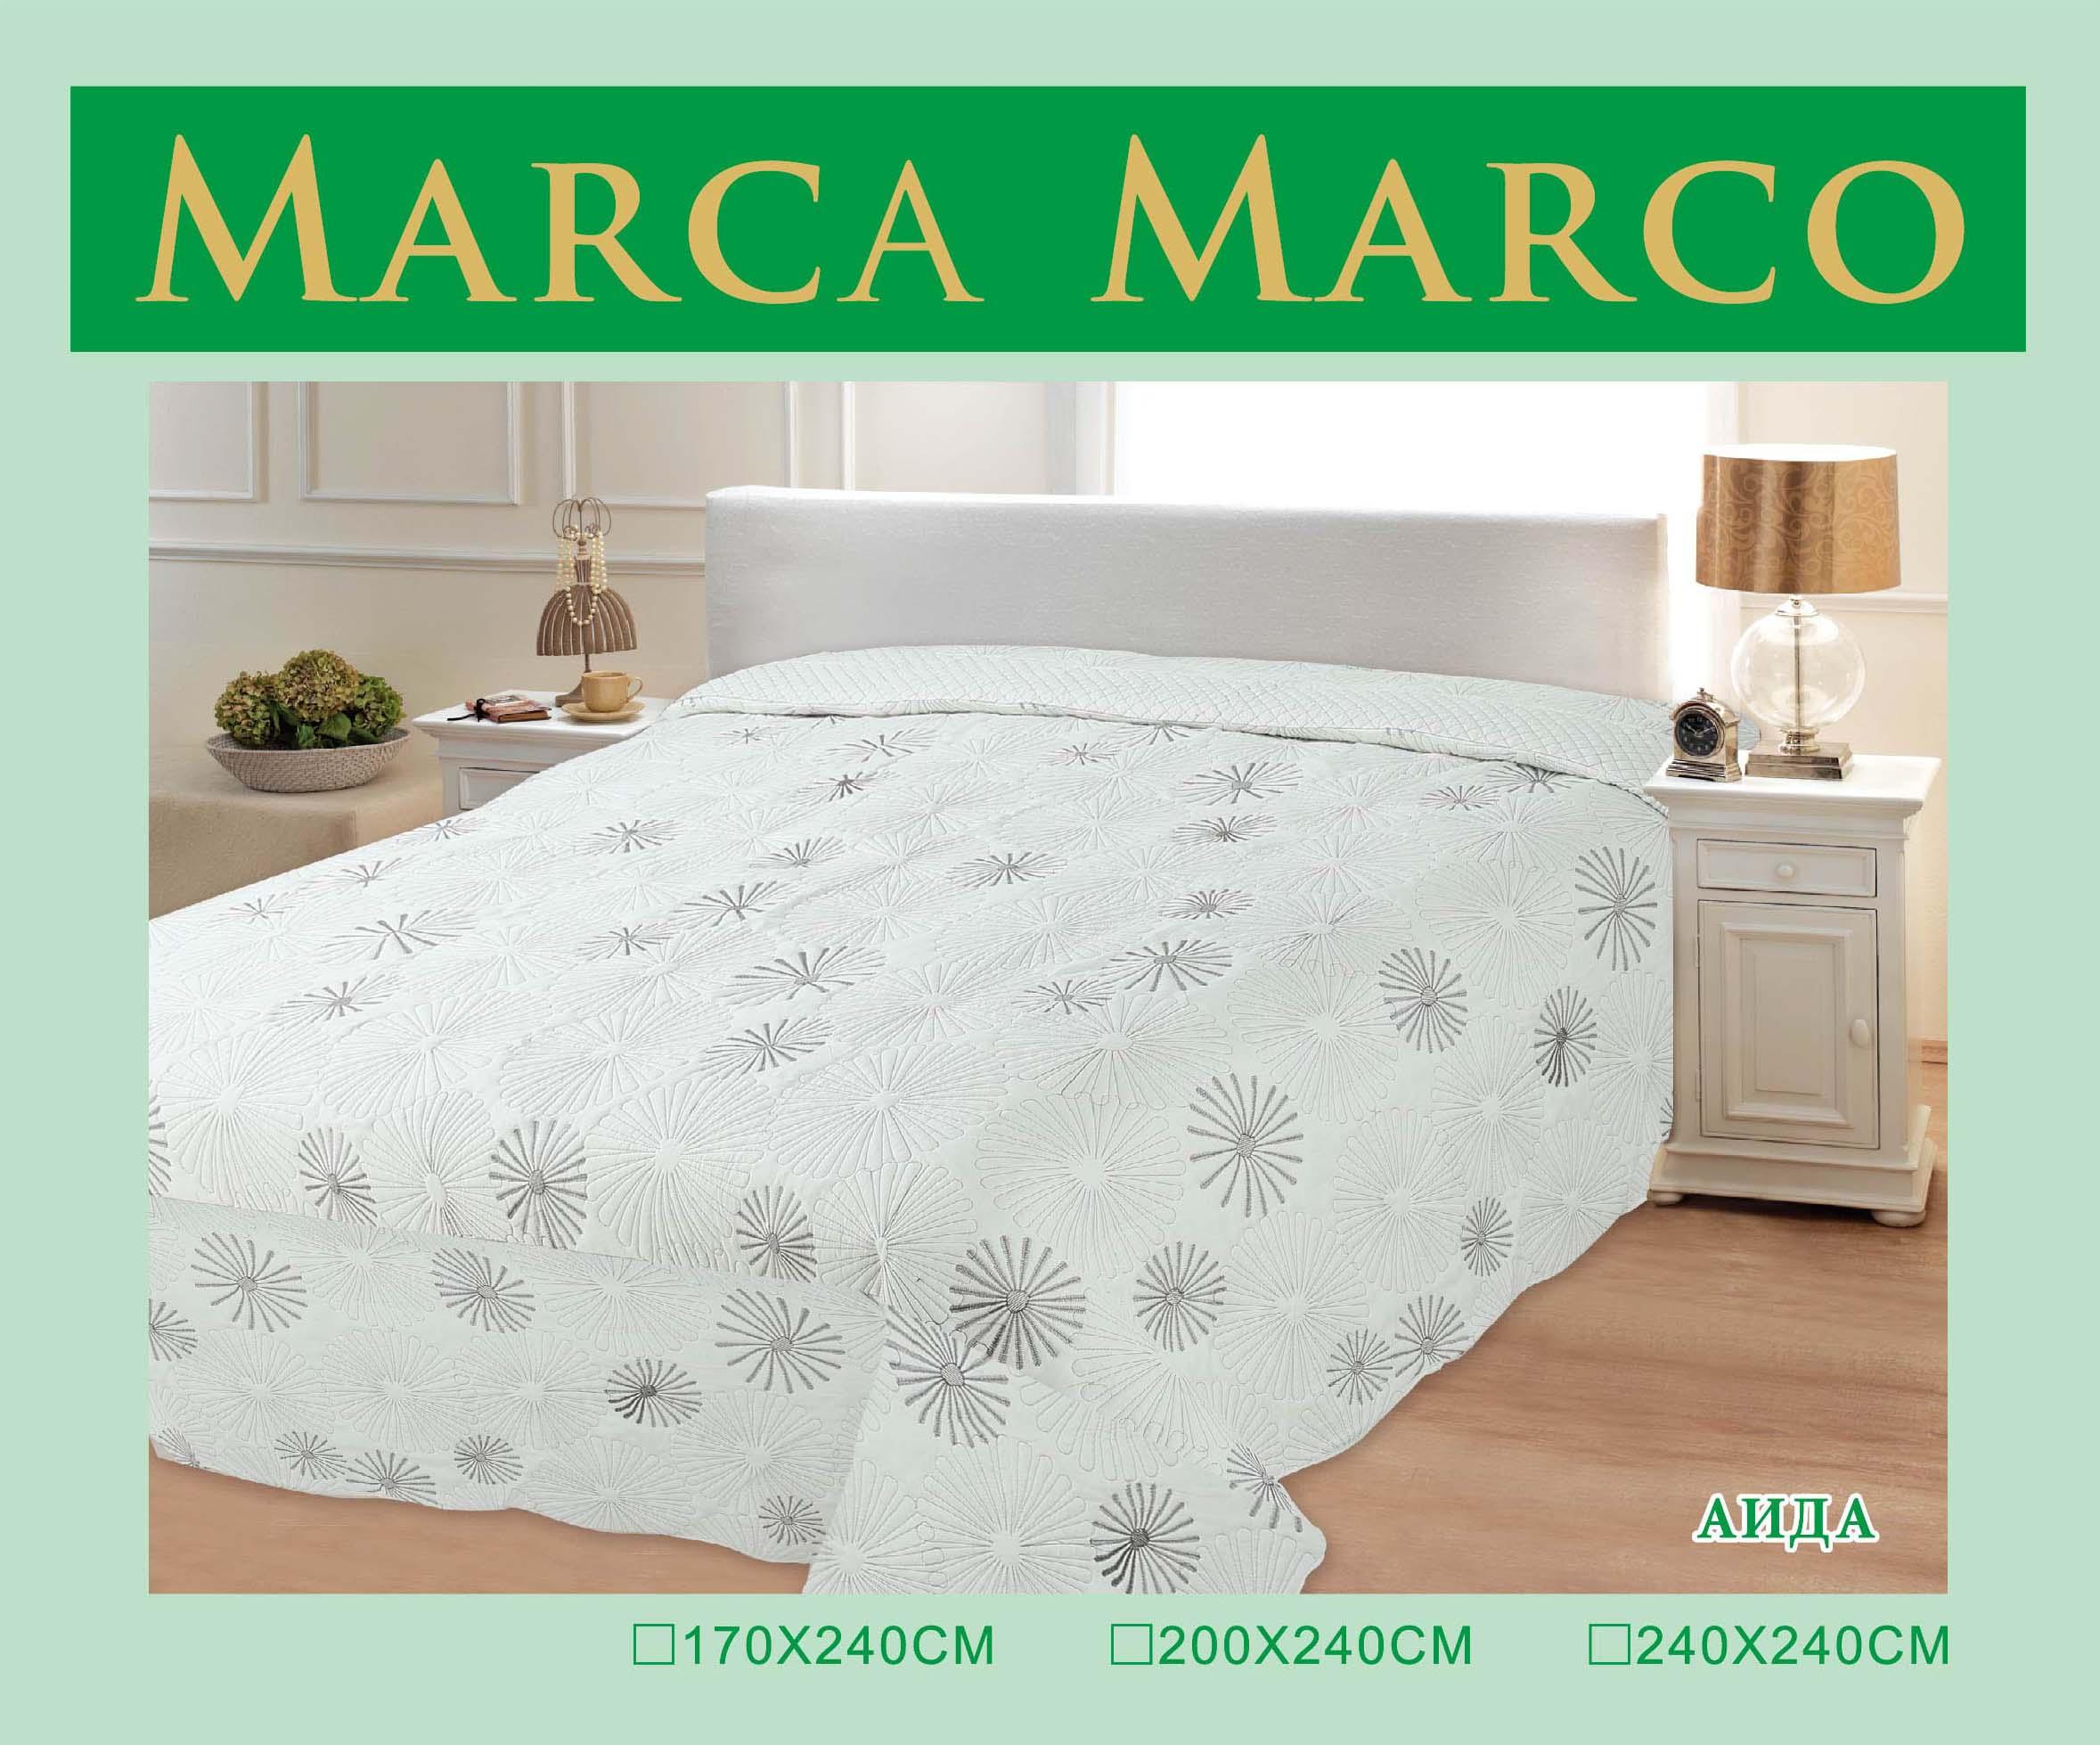 где купить  Покрывало MАRCA MARCO Покрывало Аида (240х240 см)  по лучшей цене